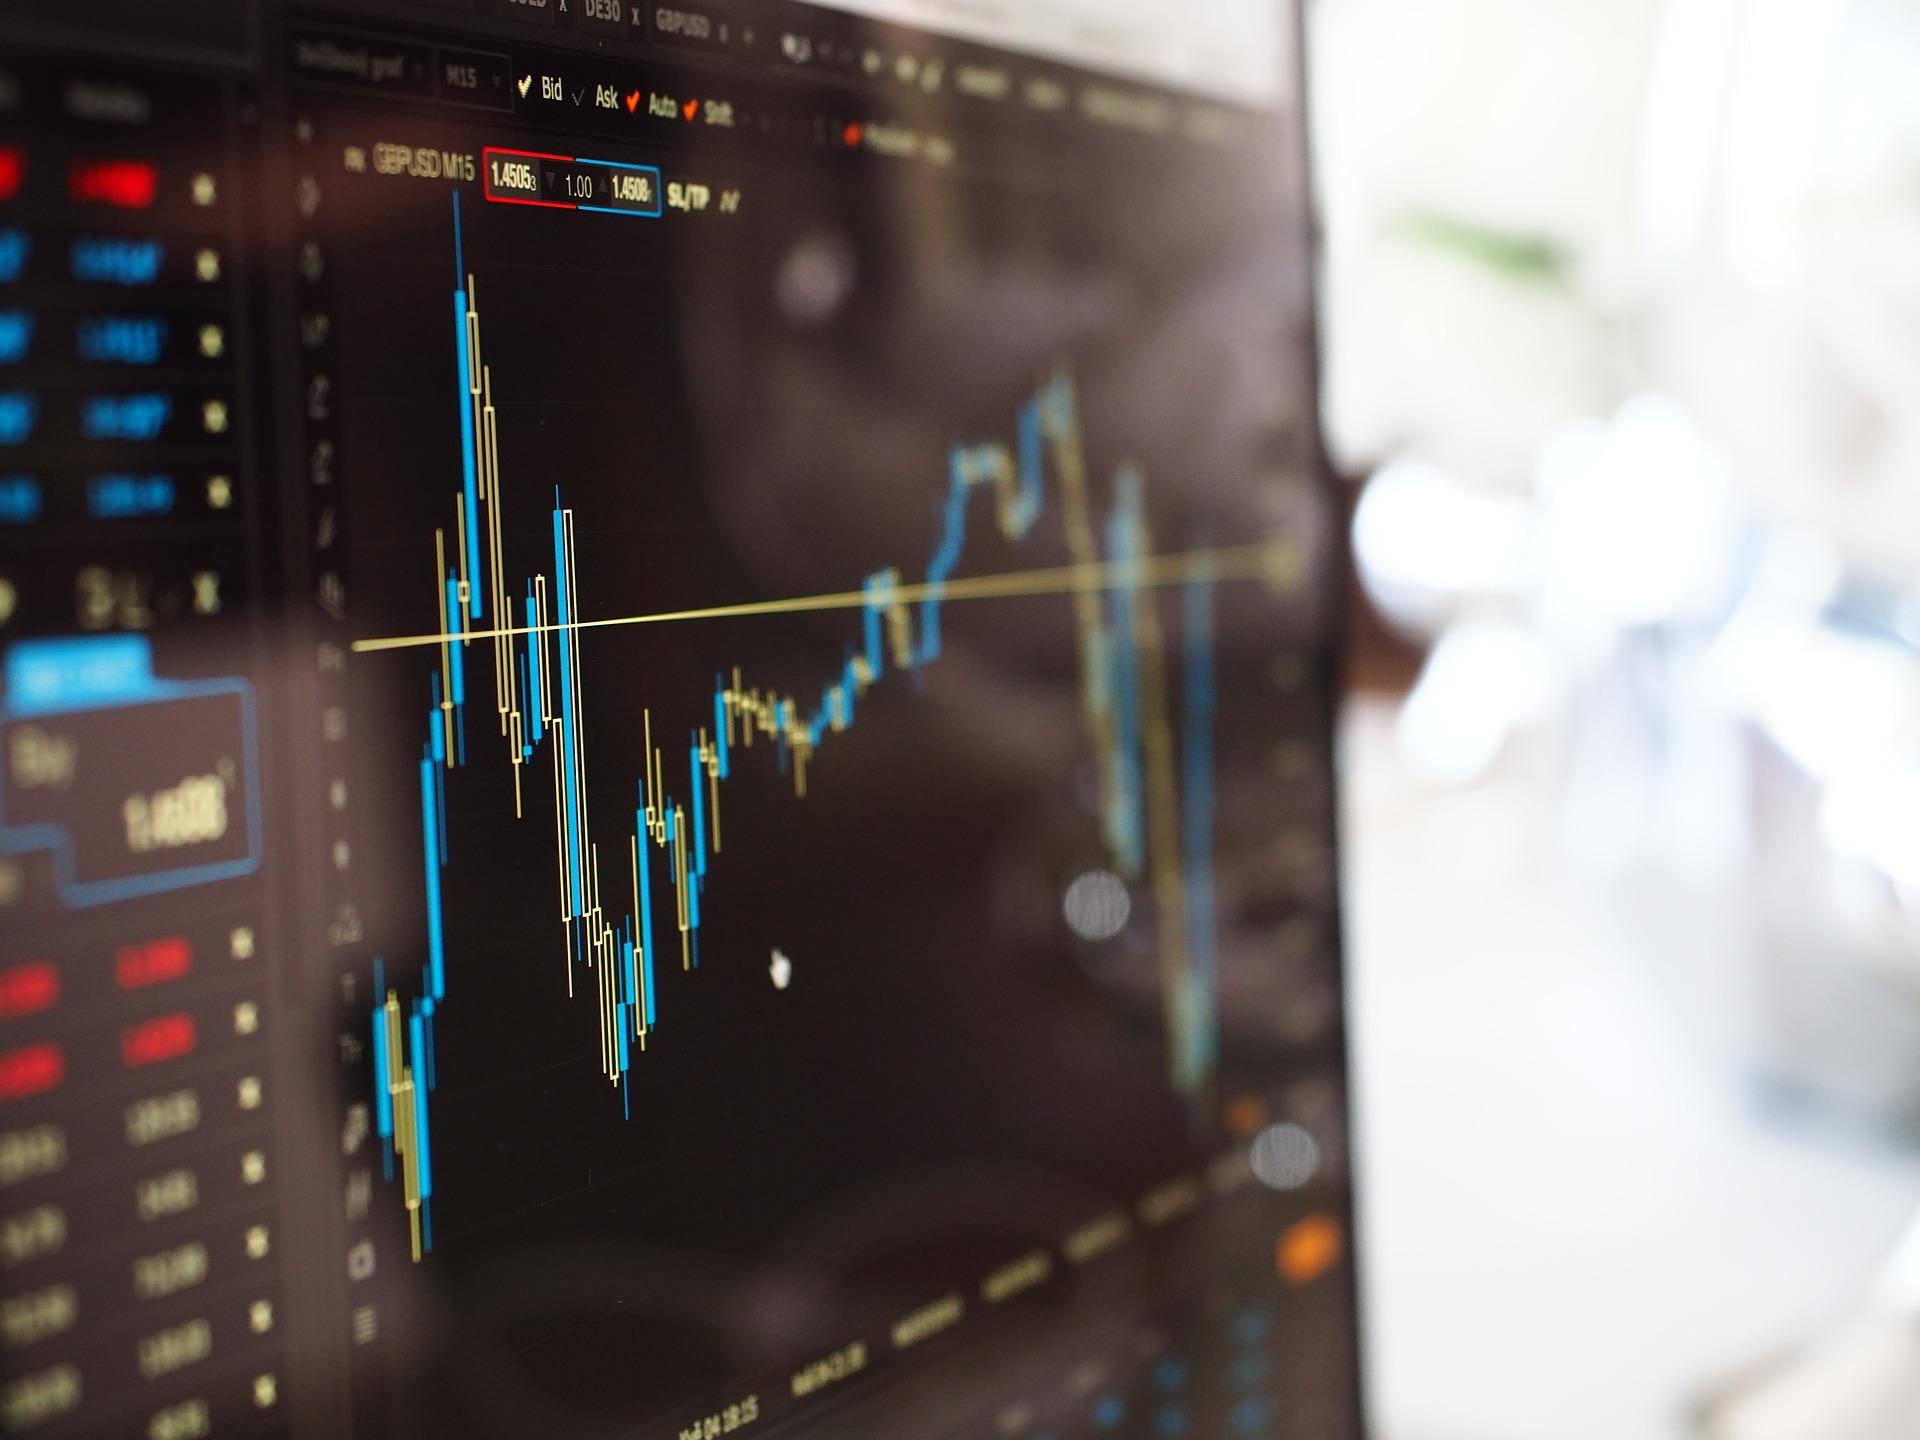 Market-Timing - Robo-Advisor